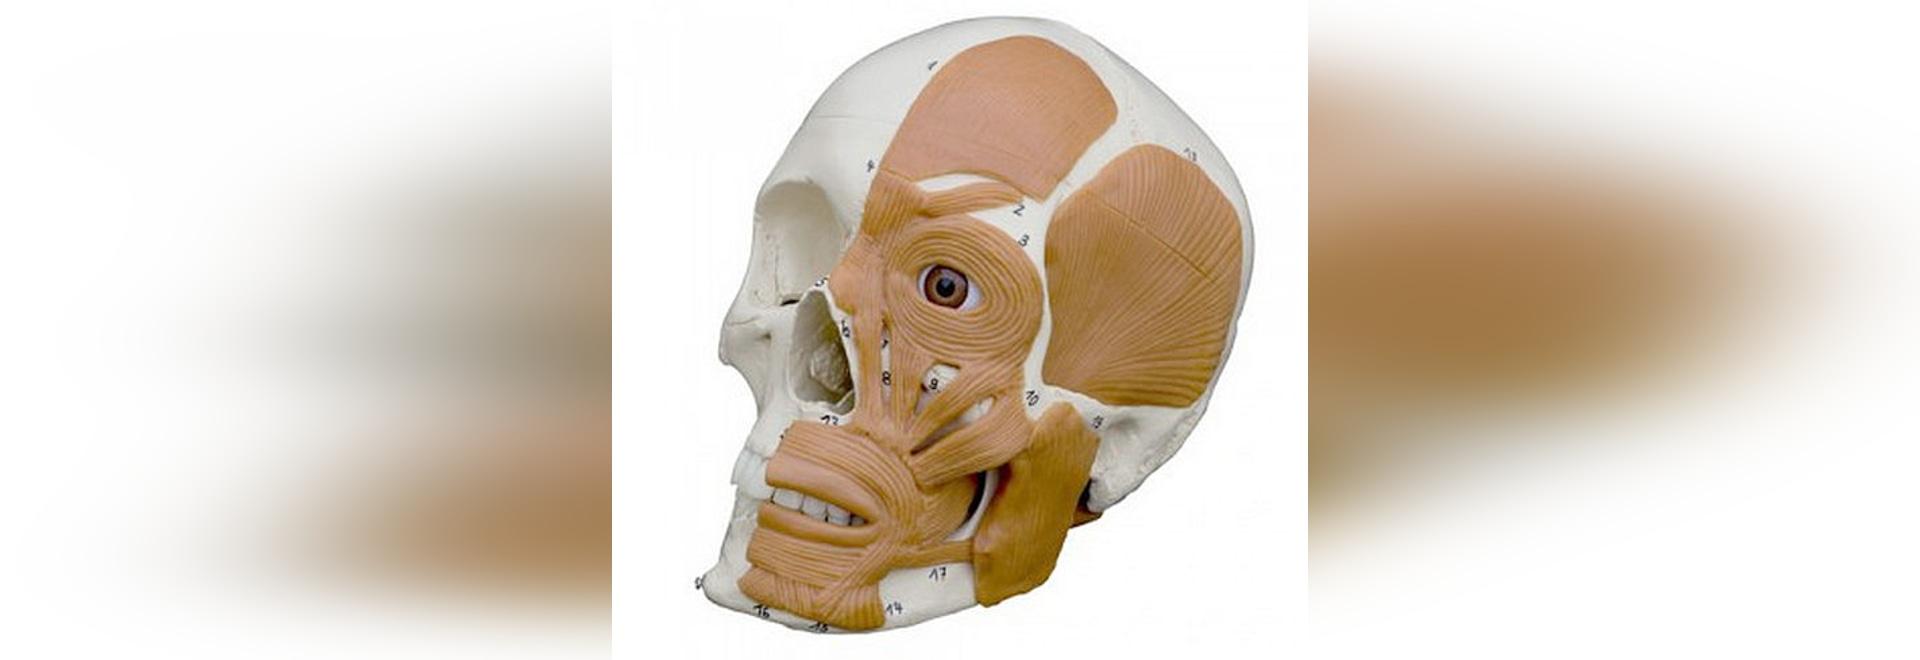 menschliche muskel anatomie